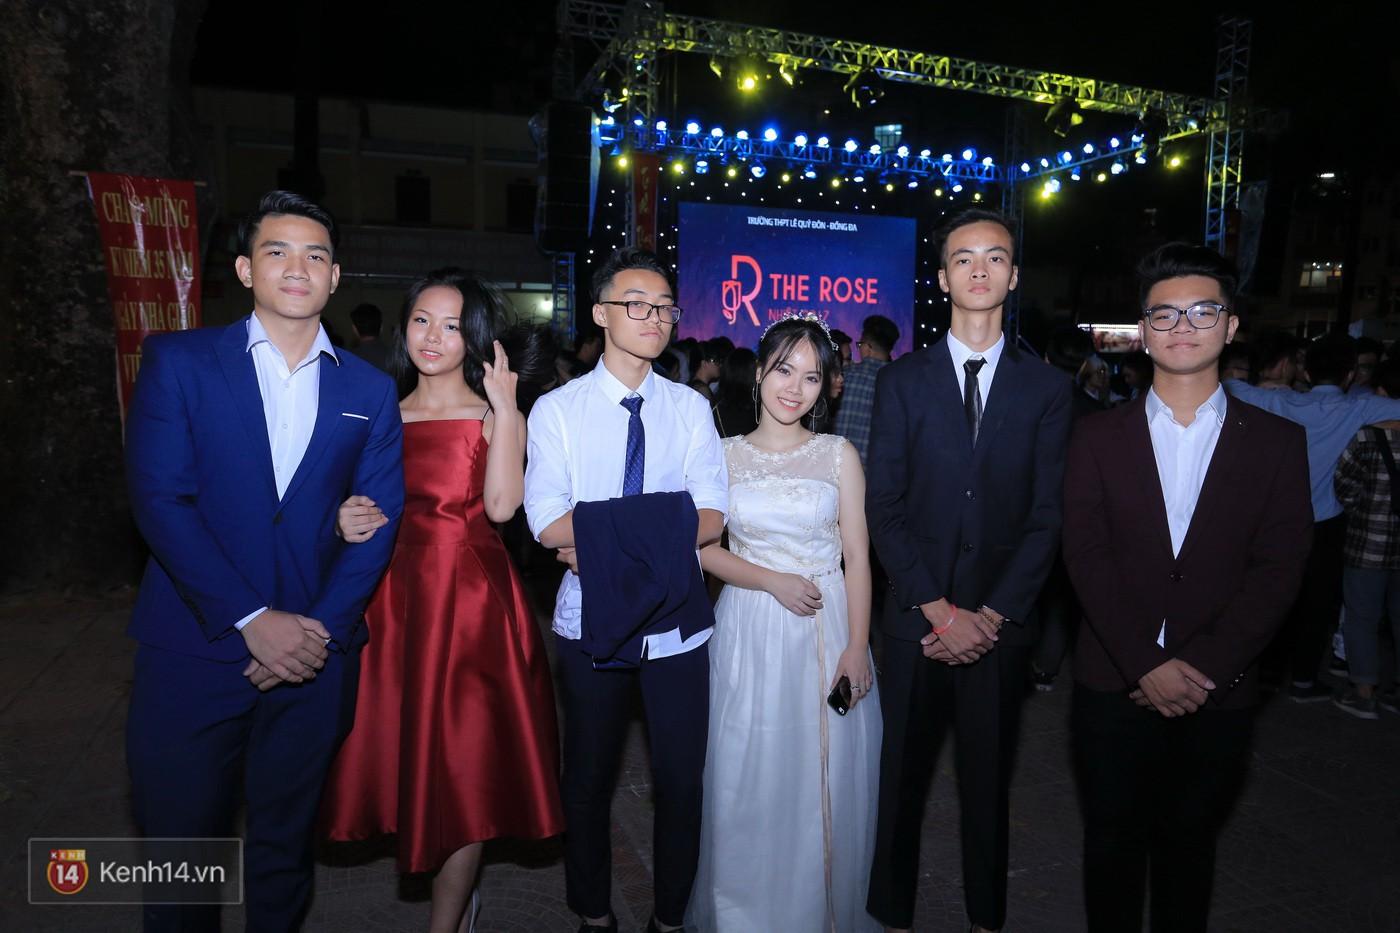 Trai xinh gái đẹp trường Lê Quý Đôn (Hà Nội) quẩy tưng bừng trong prom chào mừng 20/11 - Ảnh 5.